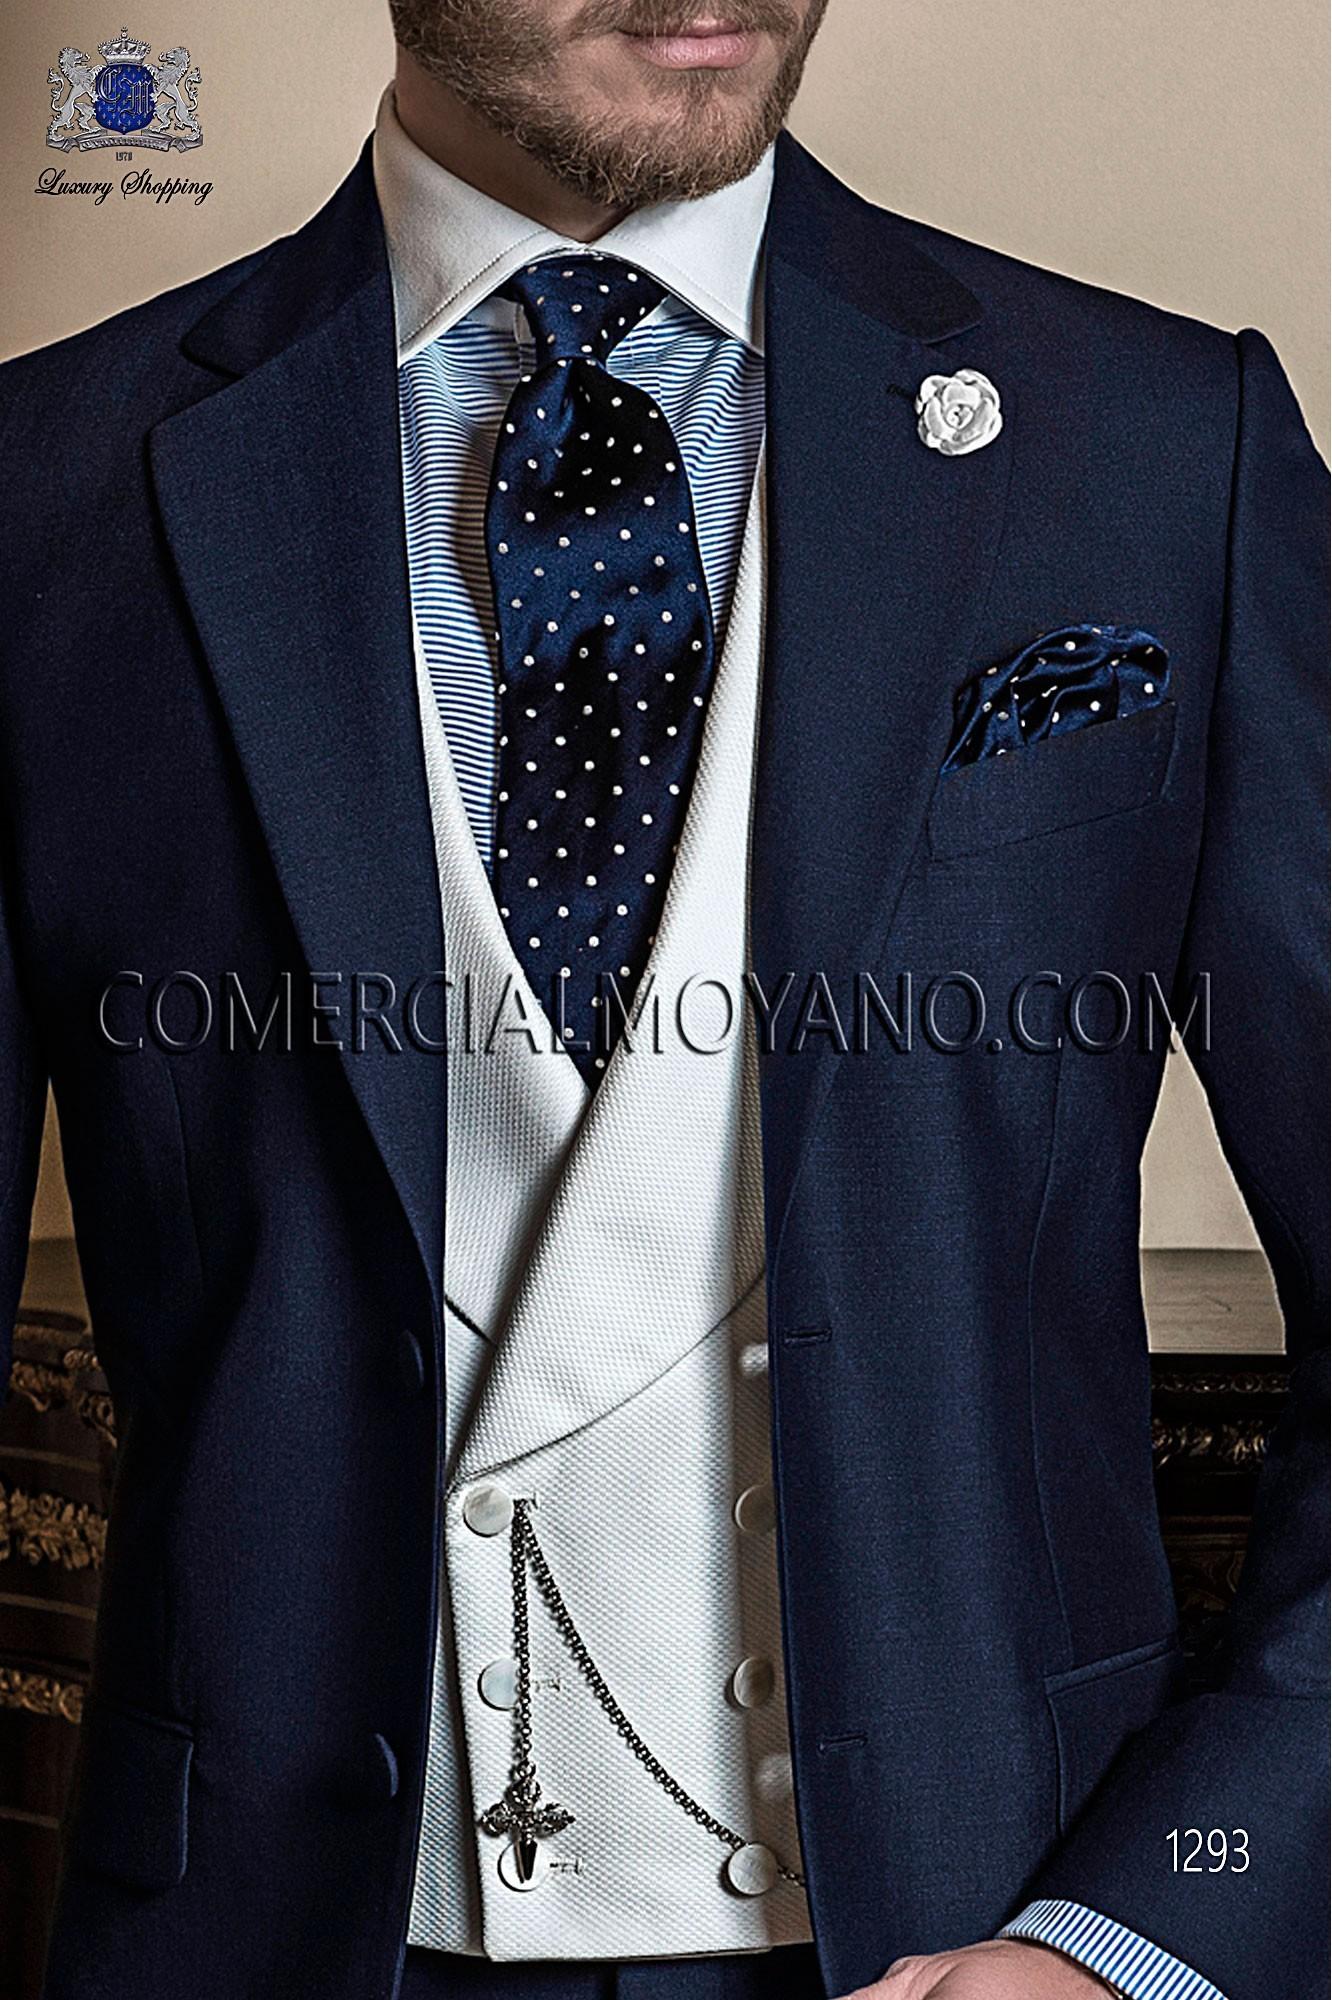 Traje Gentleman de novio azul marino modelo: 1293 Ottavio Nuccio Gala colección Gentleman